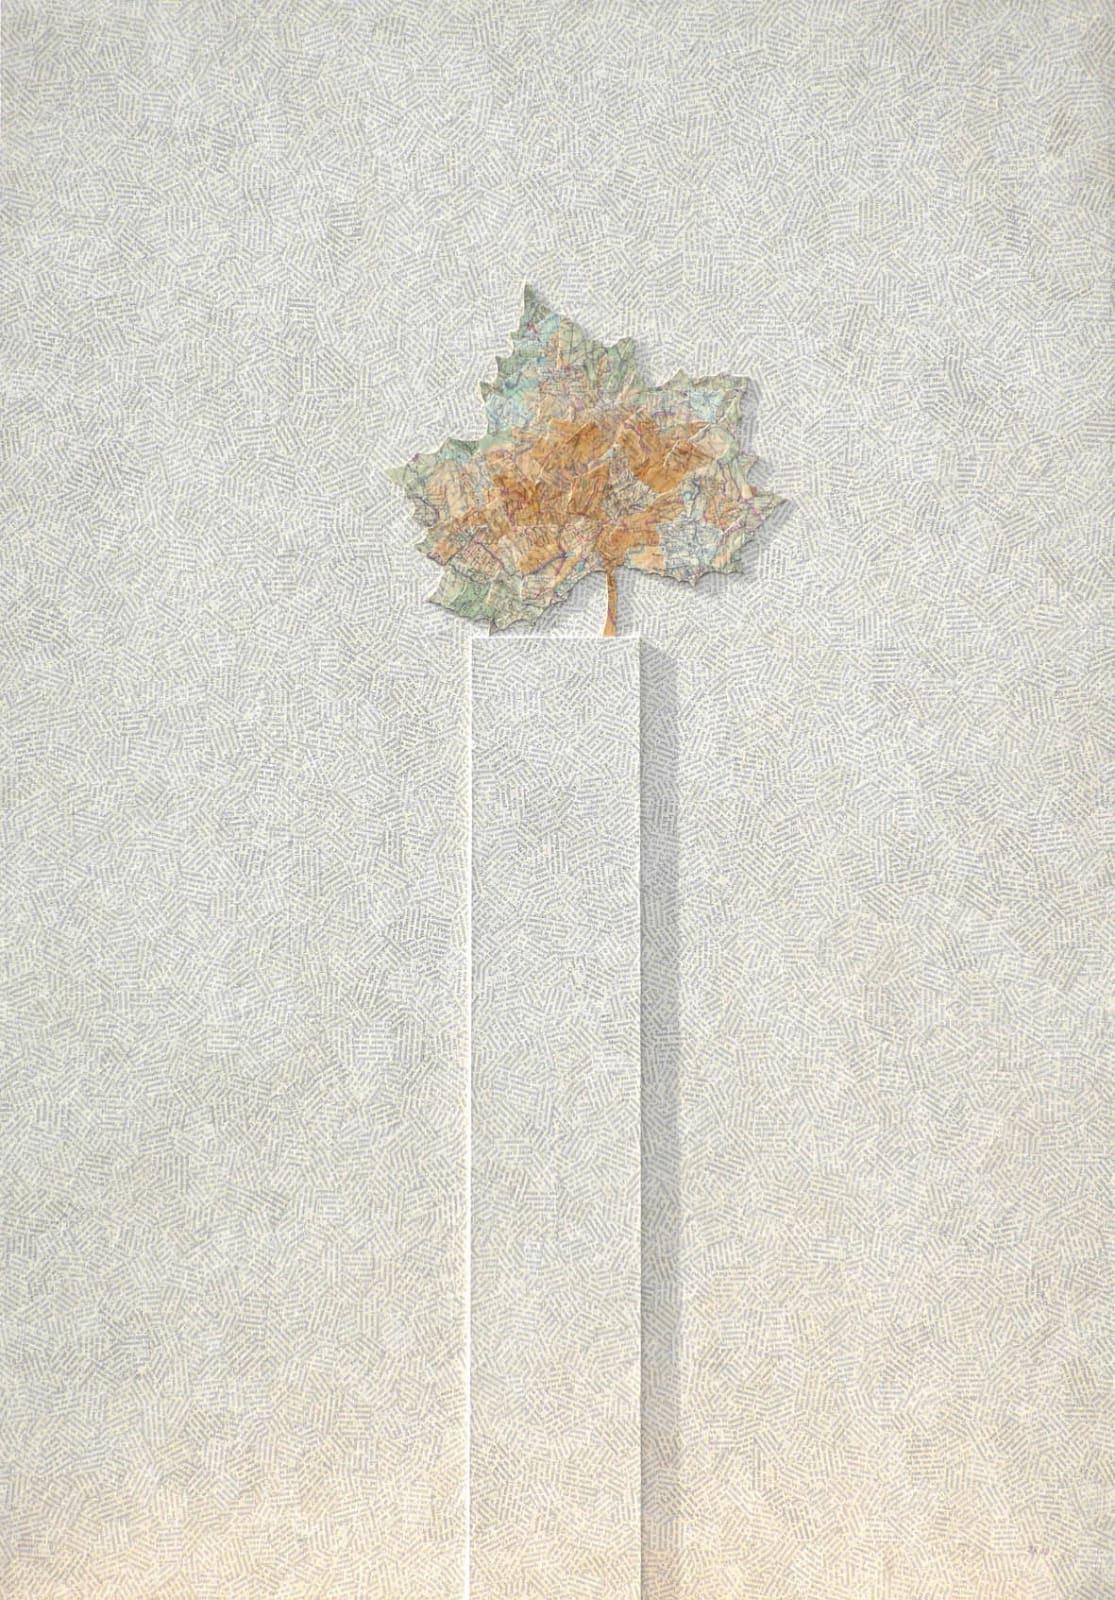 Jiri KOLAR (1914 -2002) Aux arbres parisiens égarés ou Au printemps le bois se vêt de vert III, 1980 Collage on wood 39 3⁄8 x 27 ½ inches / 100 x 70 cm